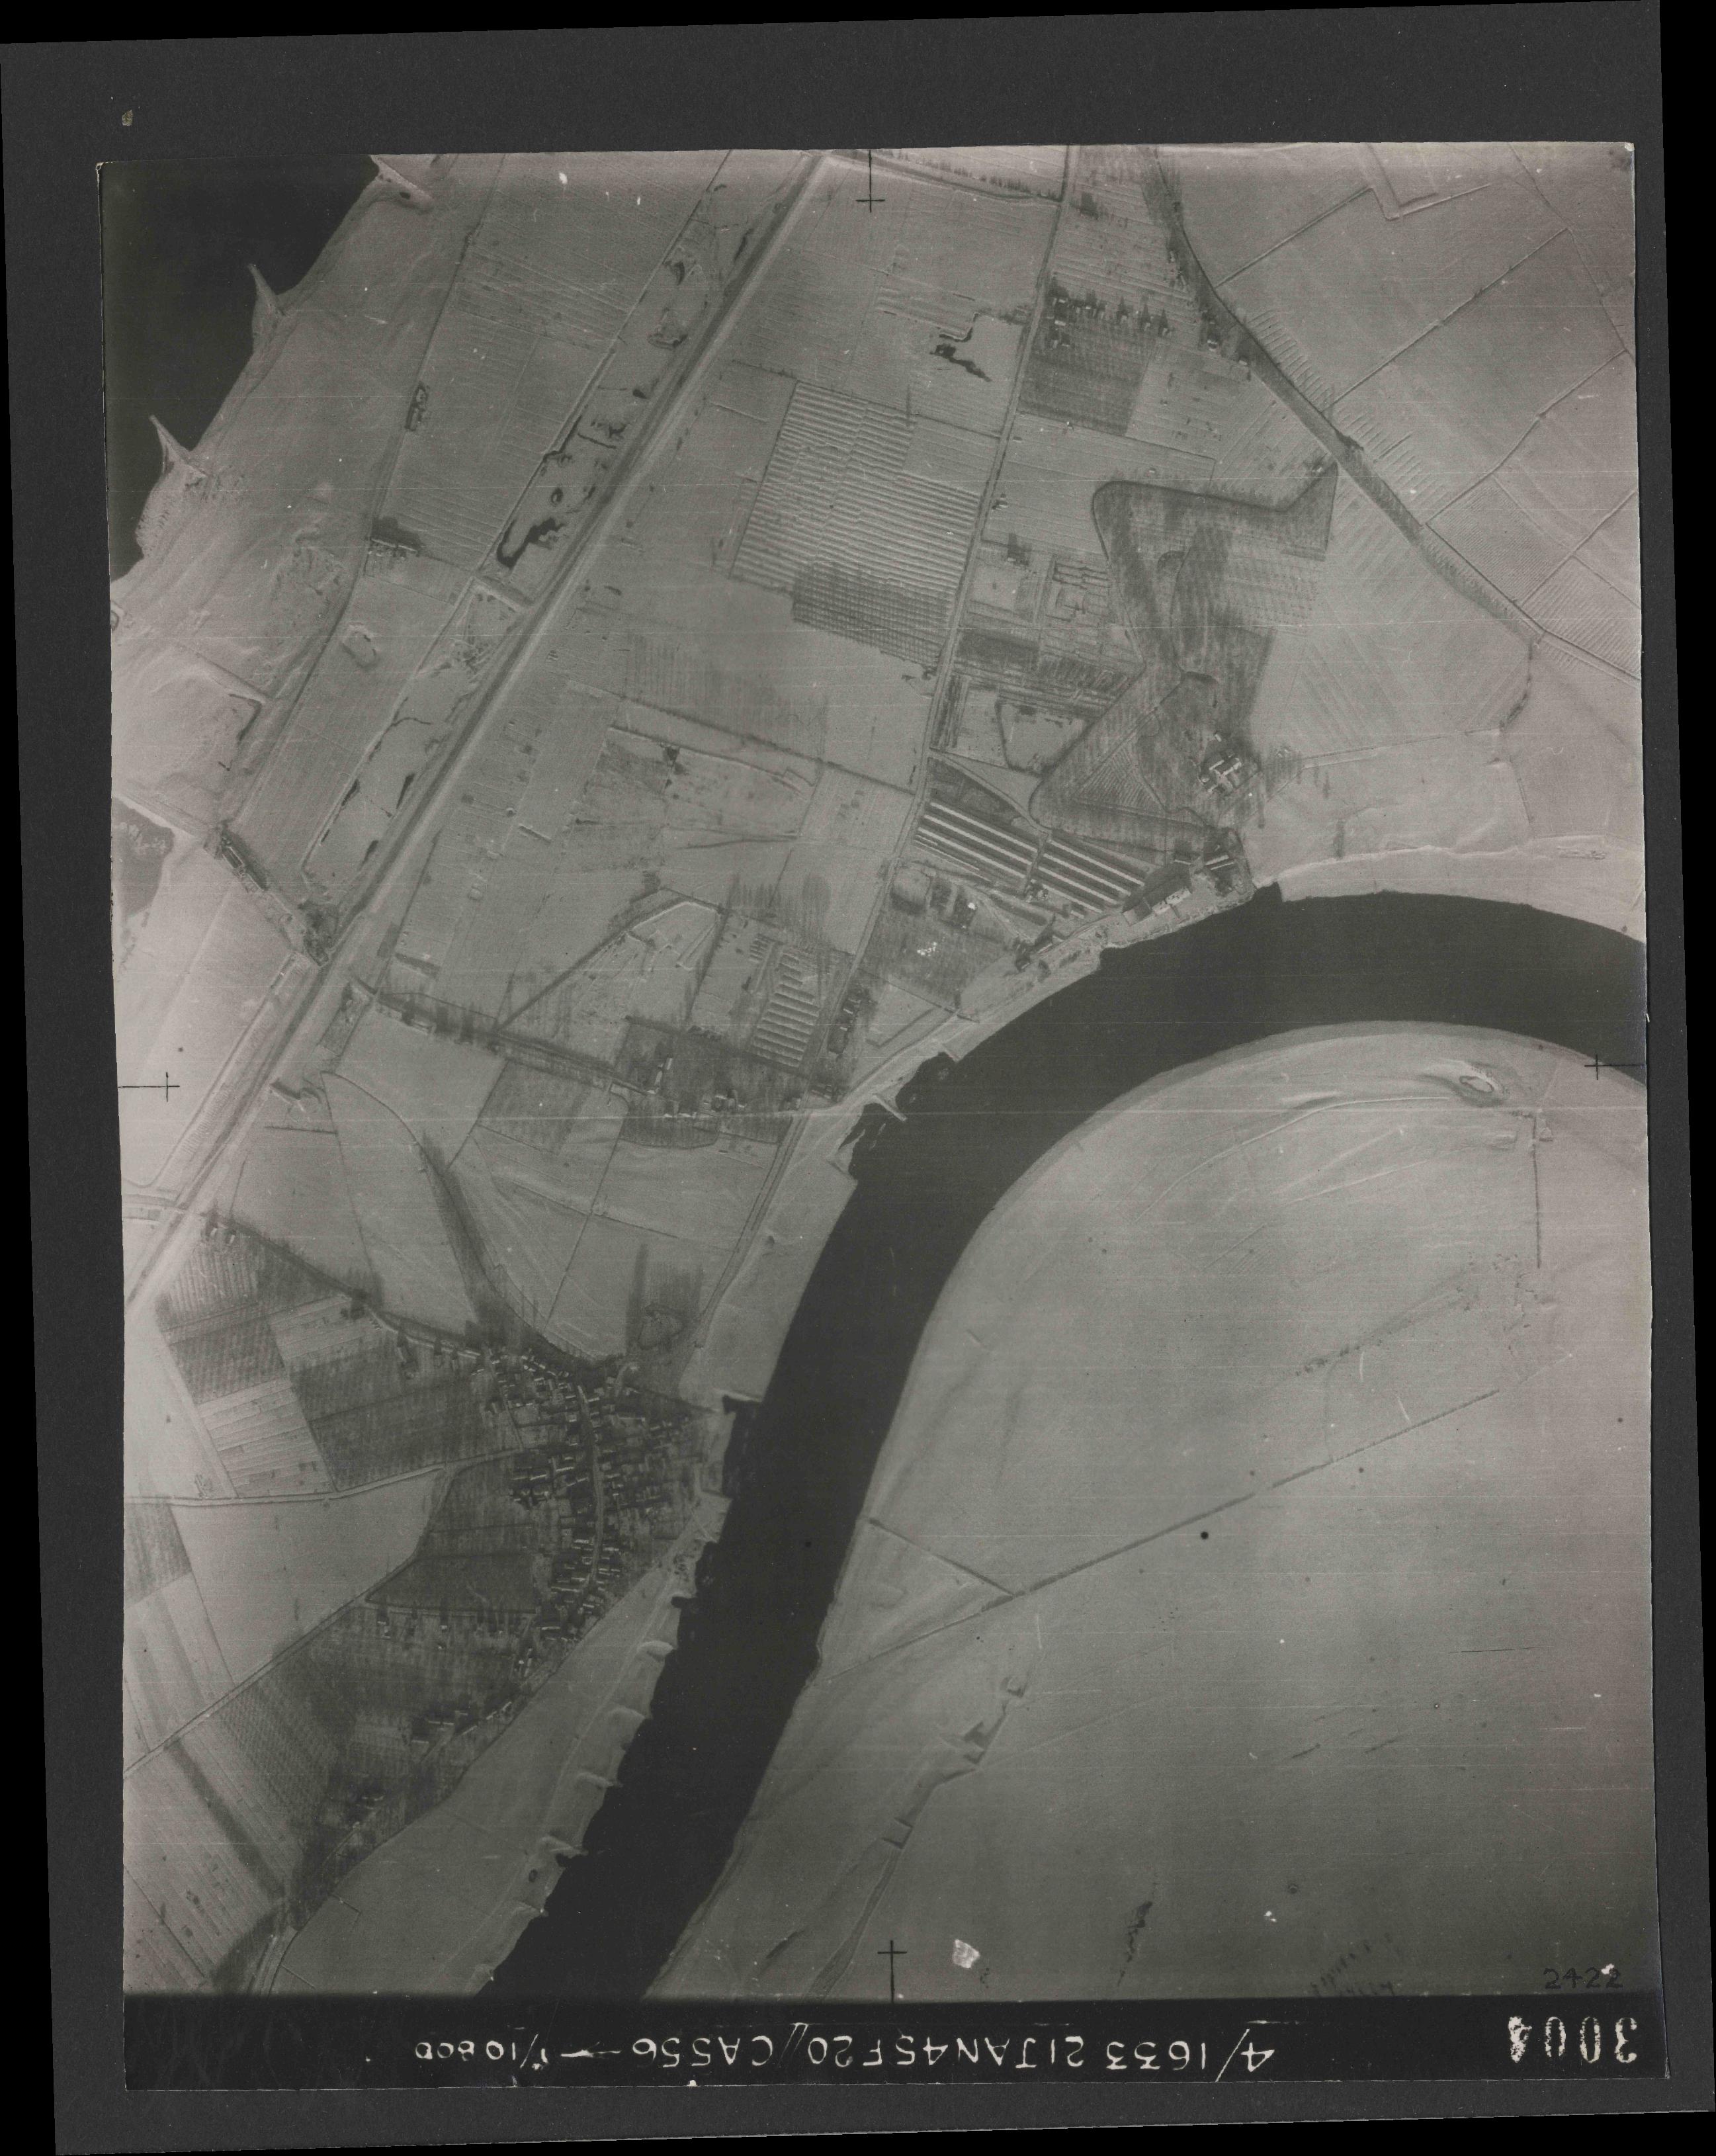 Collection RAF aerial photos 1940-1945 - flight 202, run 07, photo 3004